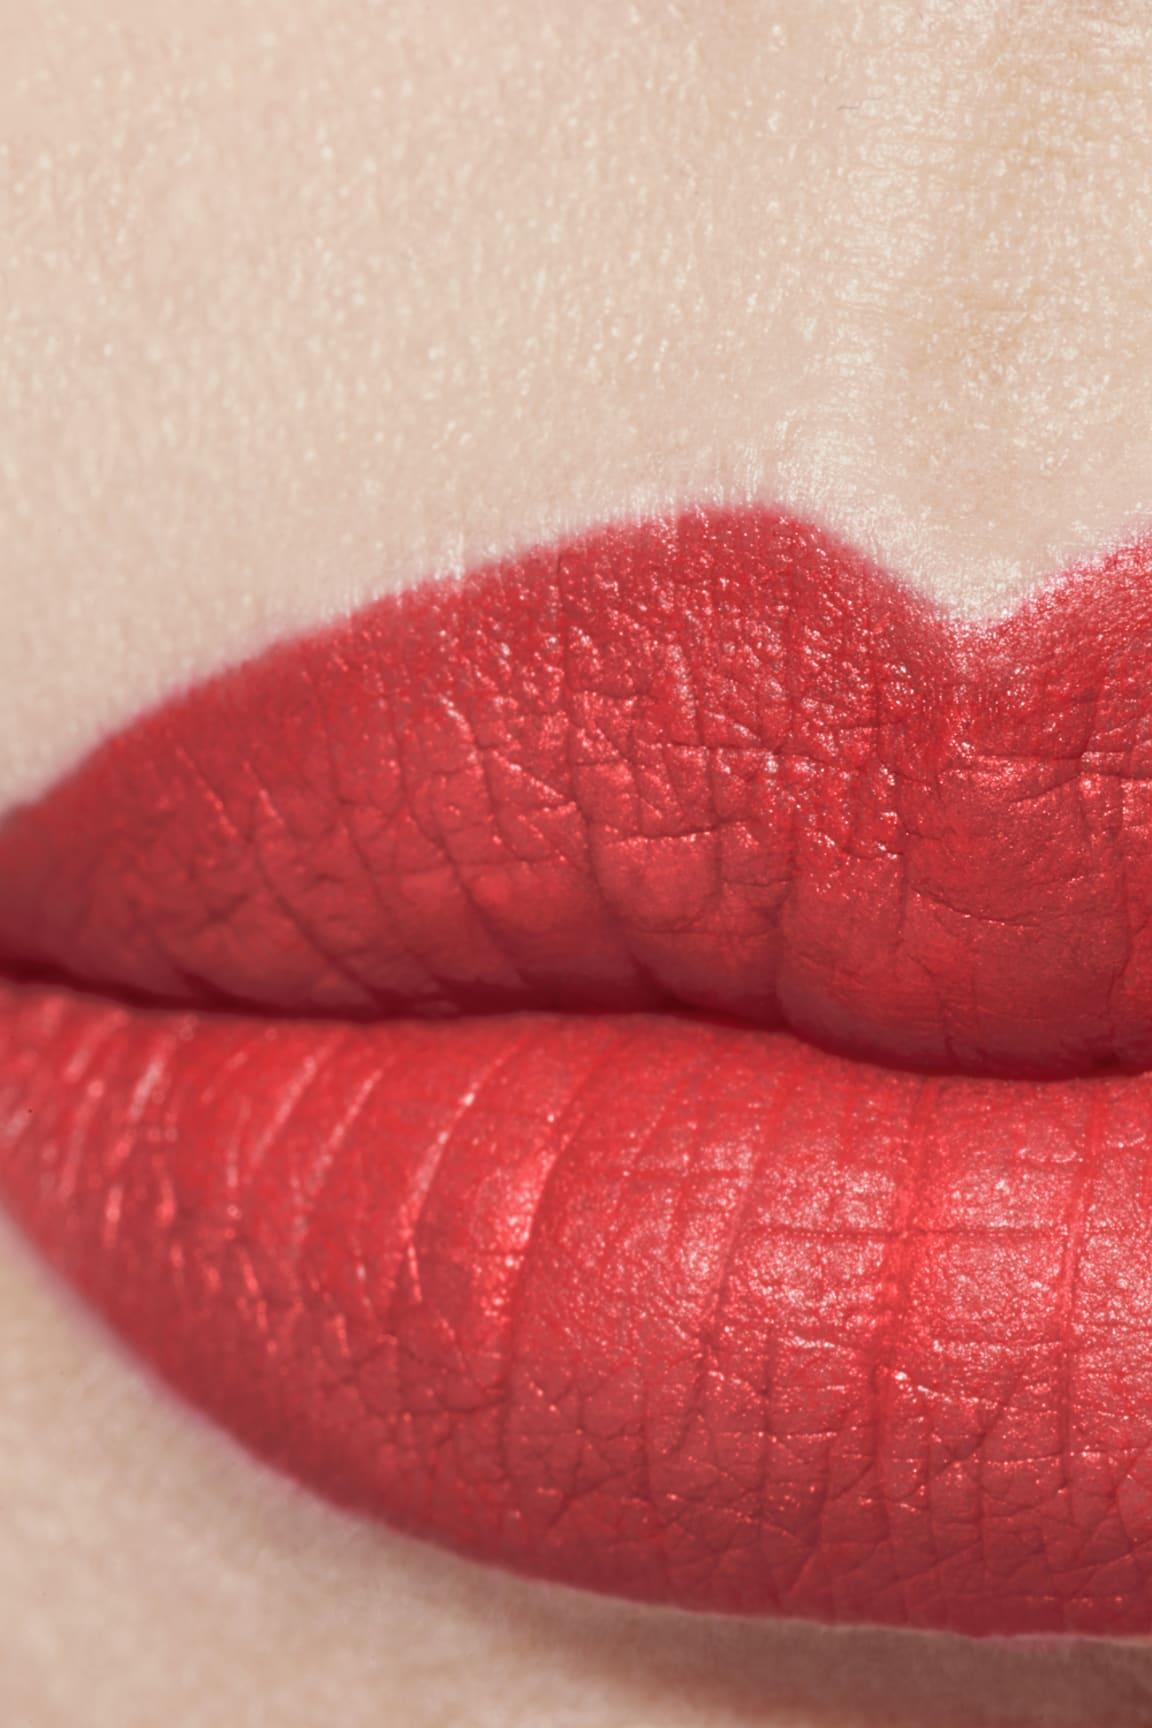 Visuel d'application maquillage 1 - ROUGE ALLURE VELVET LE LION DE CHANEL 247 - ROUGE IMPULSIF